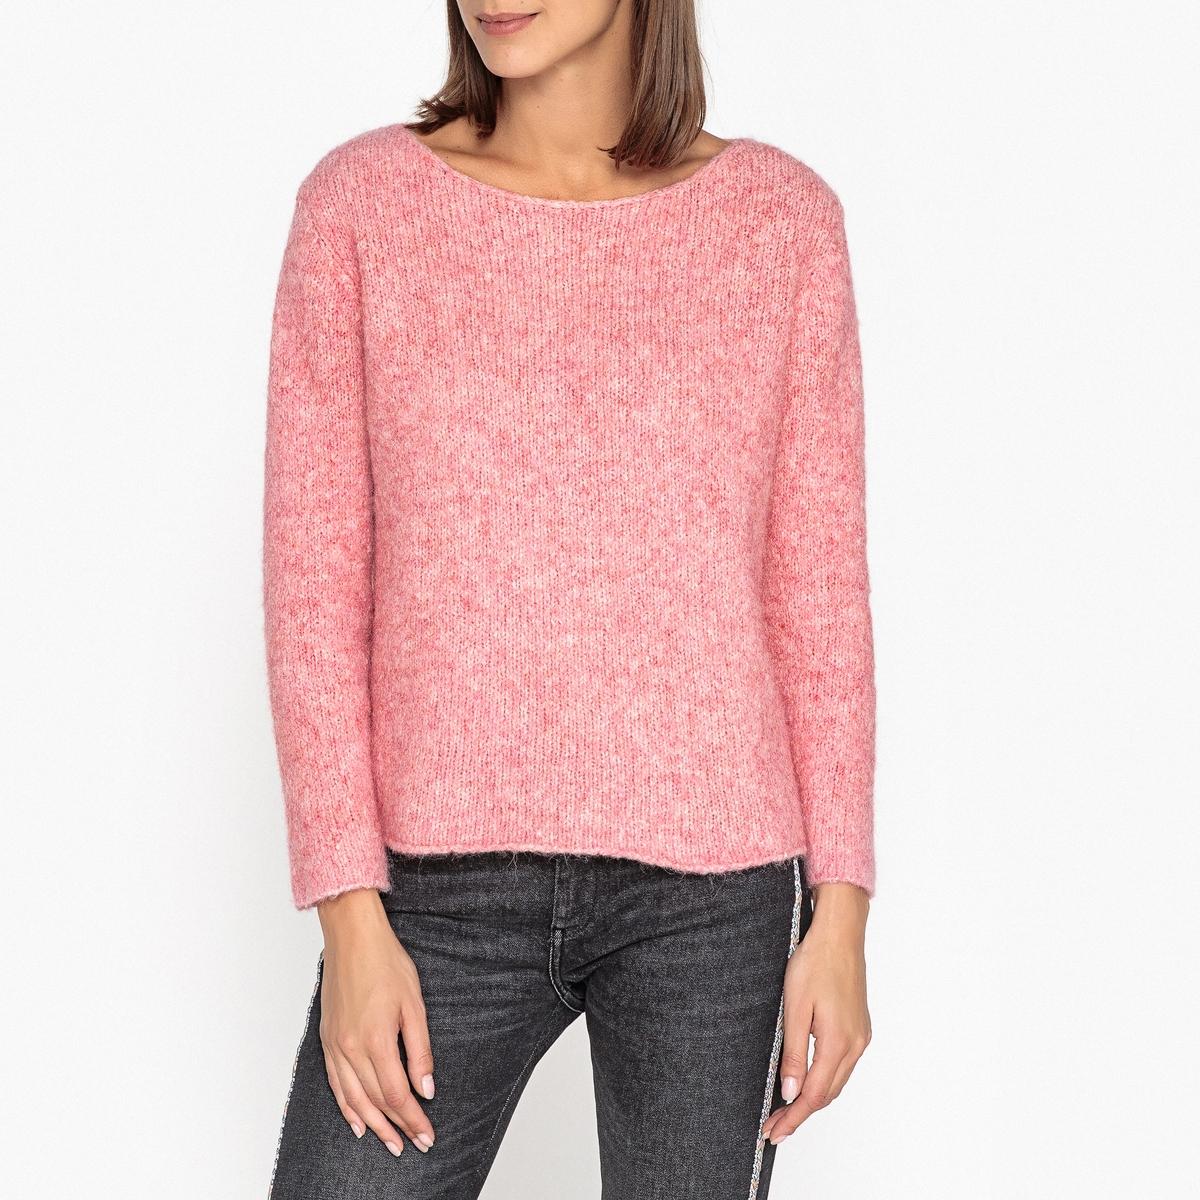 Пуловер трикотажный ZAPITOWN Exclusivité Brand Boutique женский пуловер brand new 2015